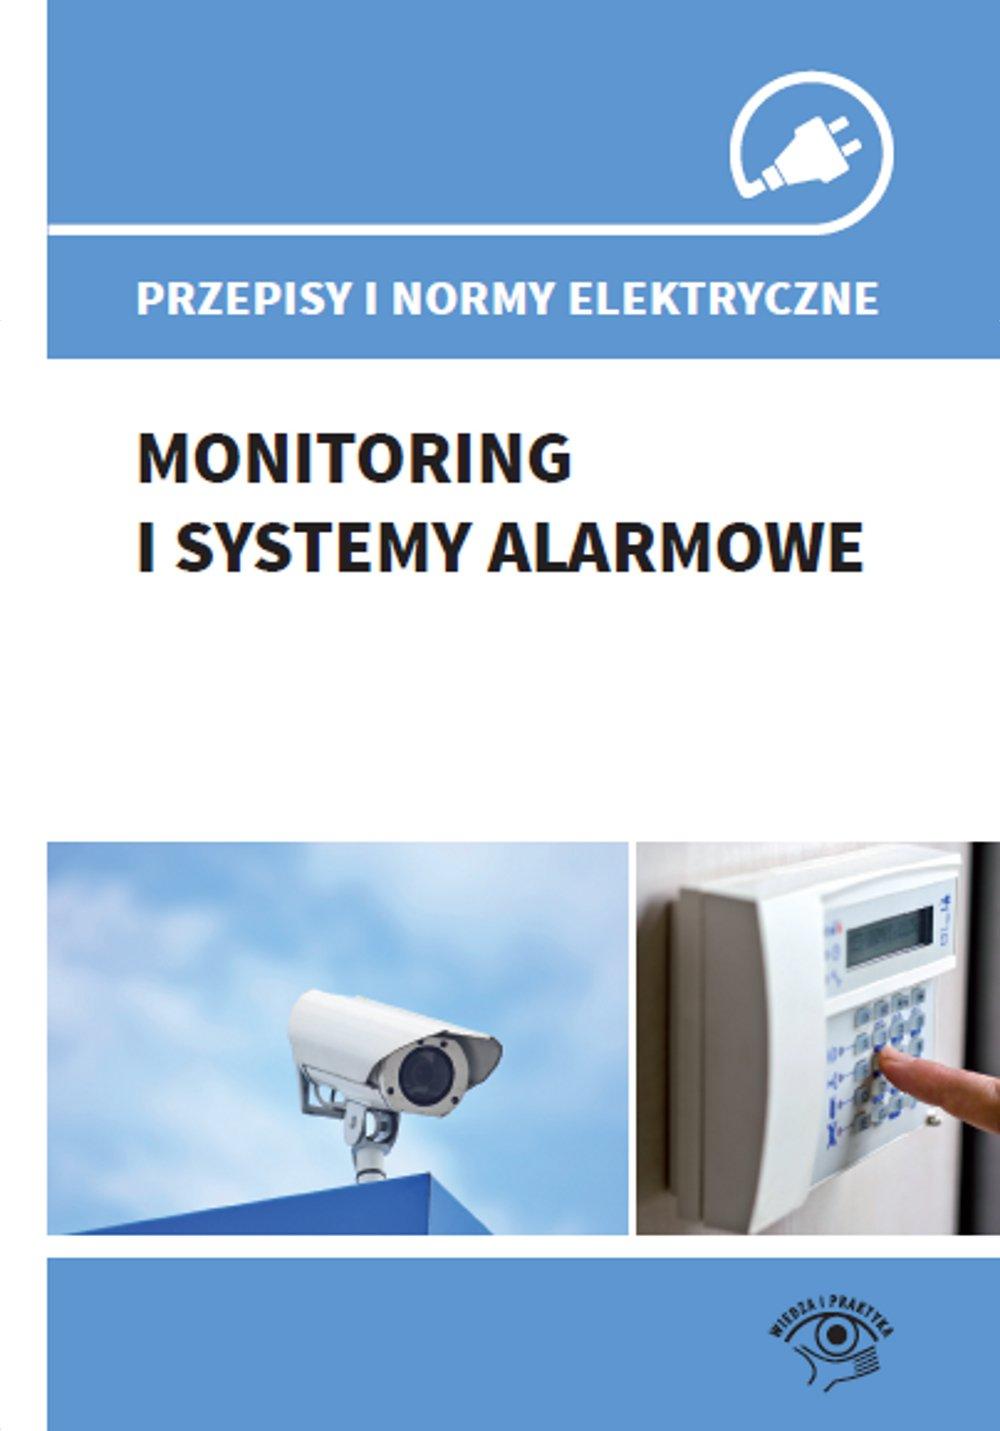 Przepisy i normy elektryczne - monitoring i systemy alarmowe - Ebook (Książka na Kindle) do pobrania w formacie MOBI